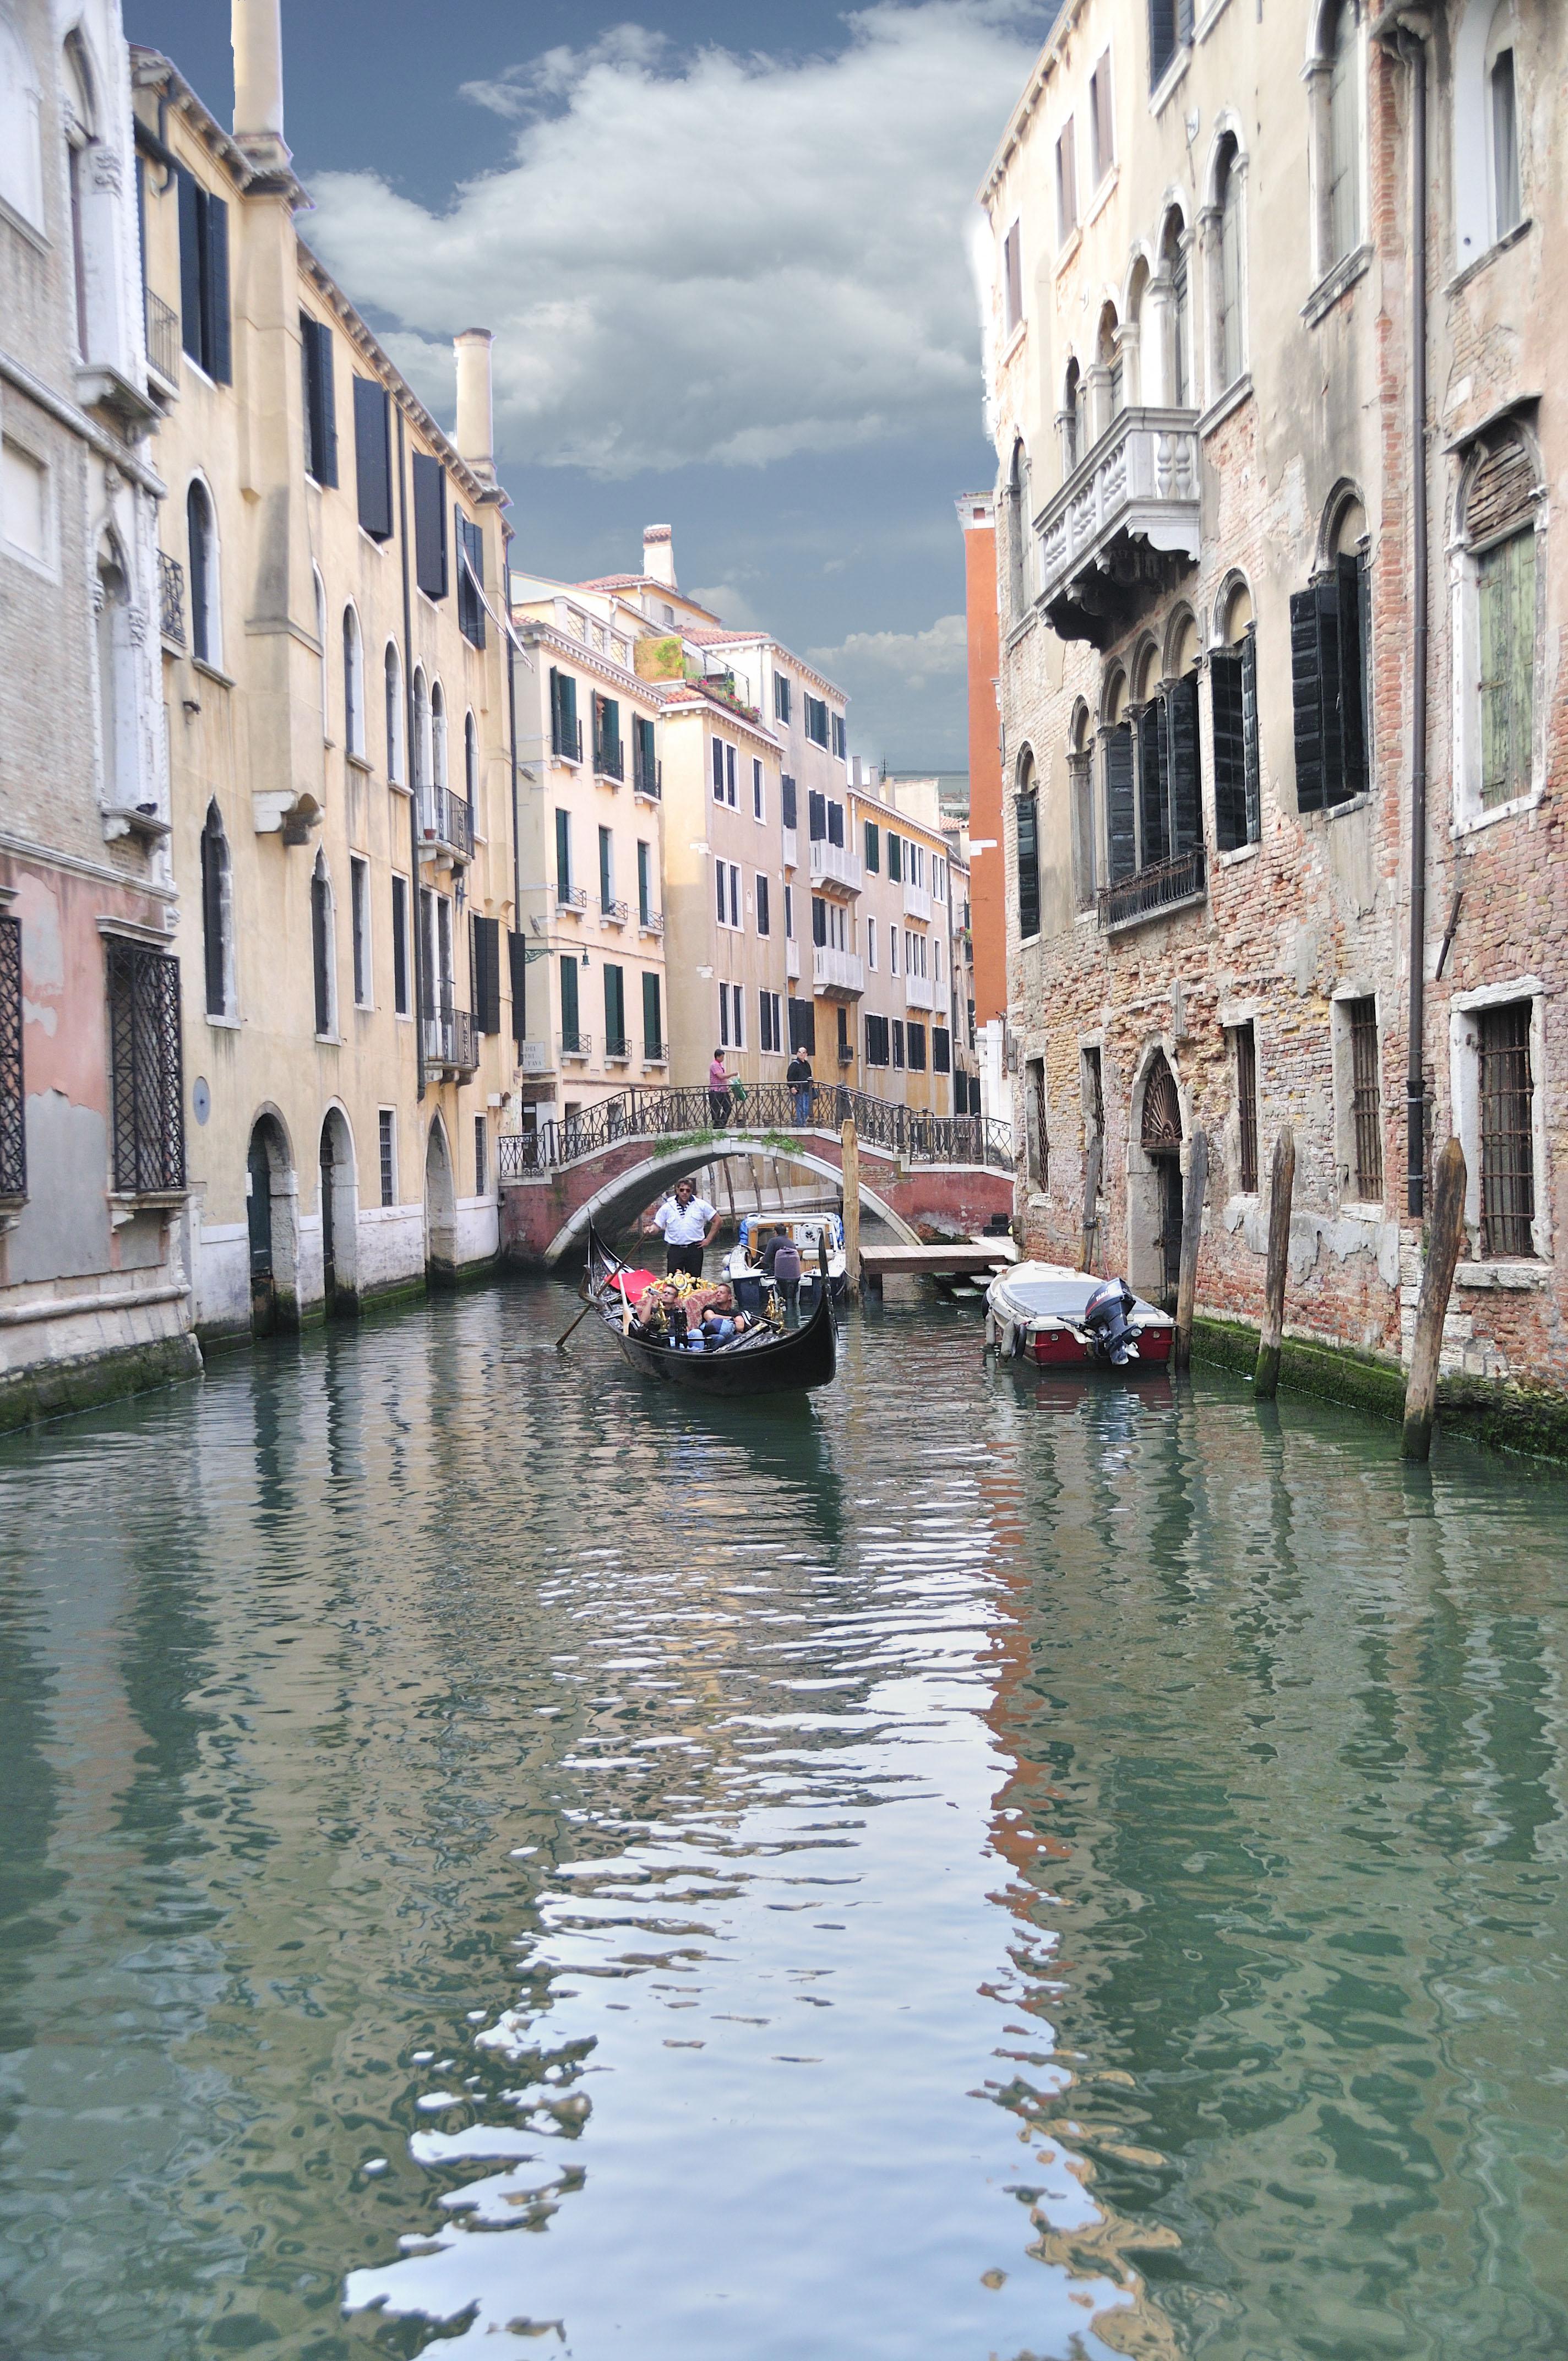 Venezia in Venice Italy Images